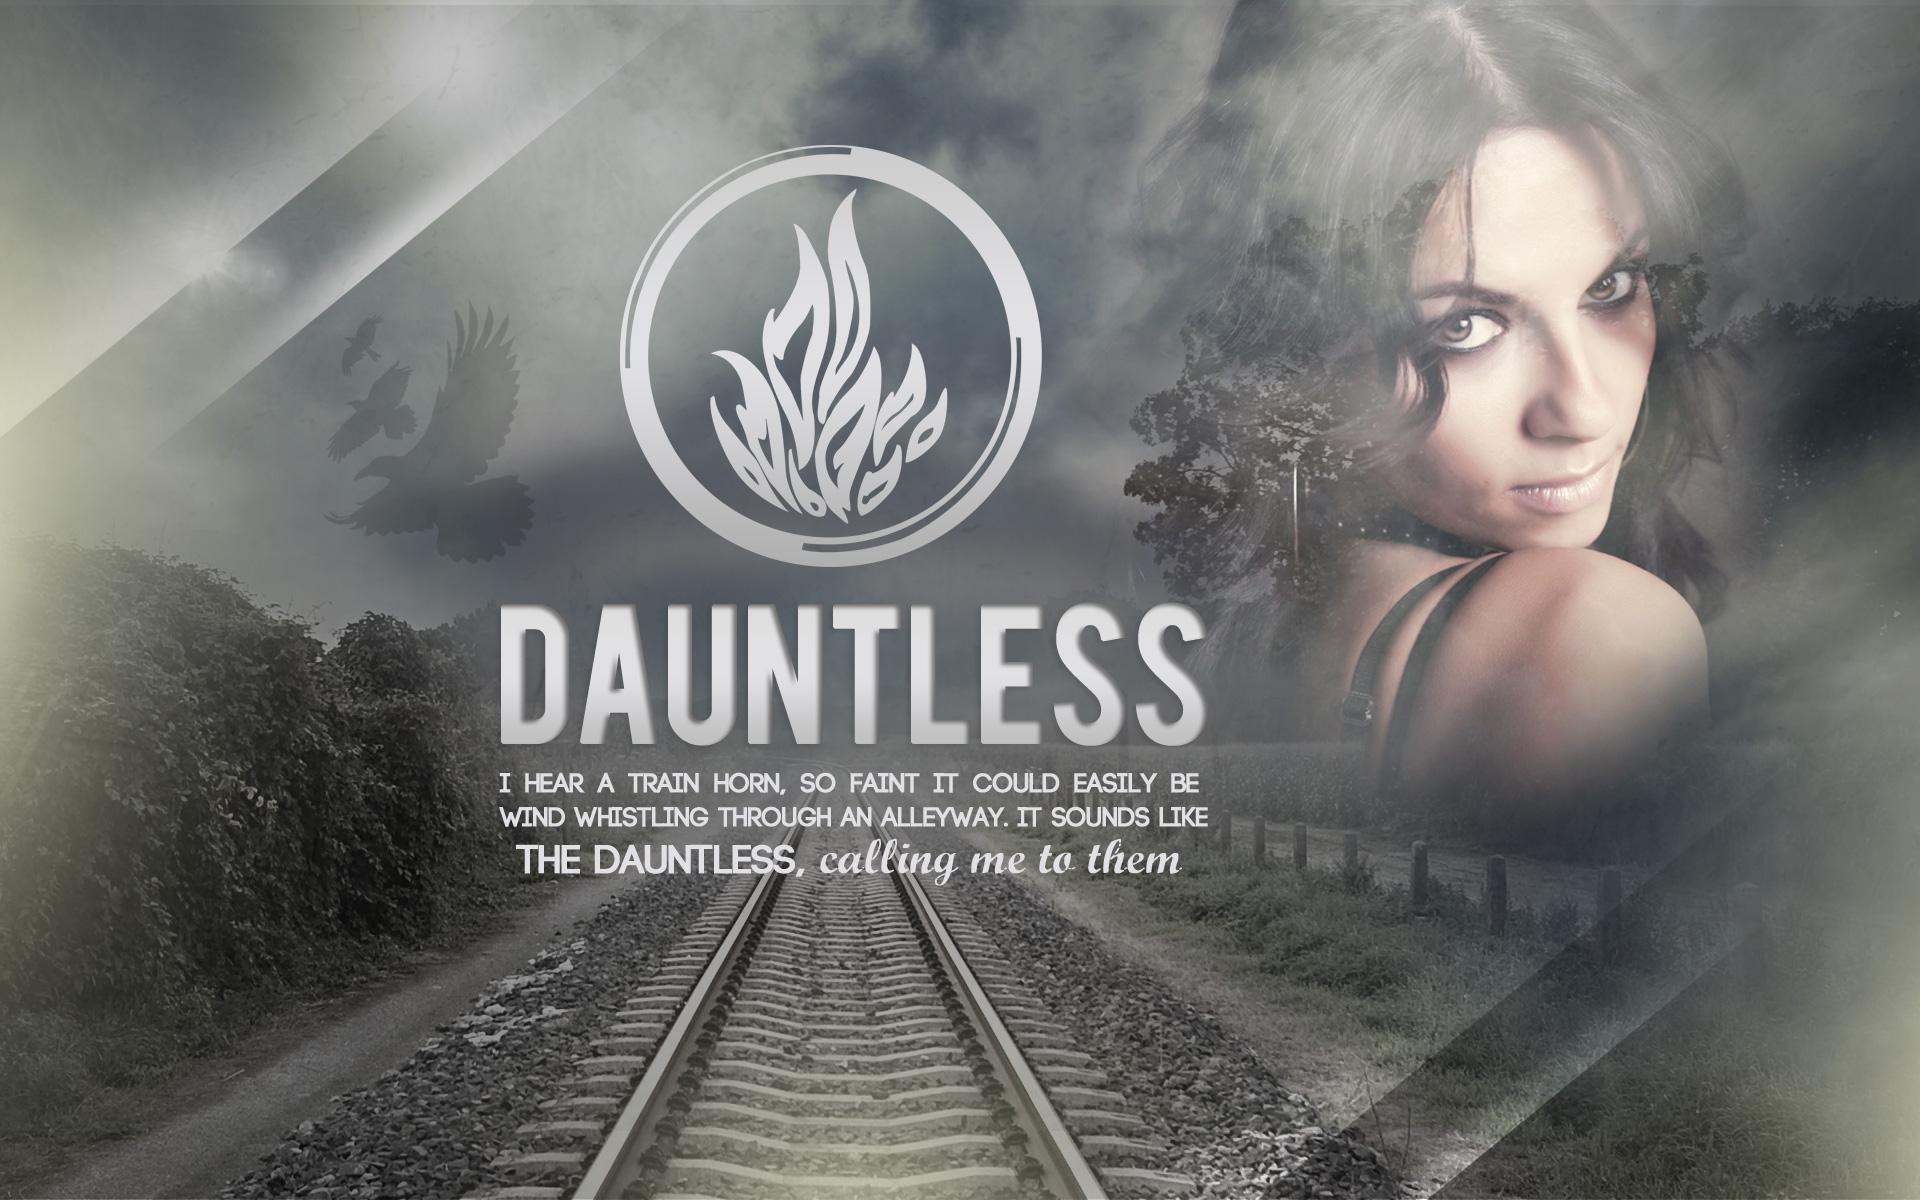 dauntless - photo #24